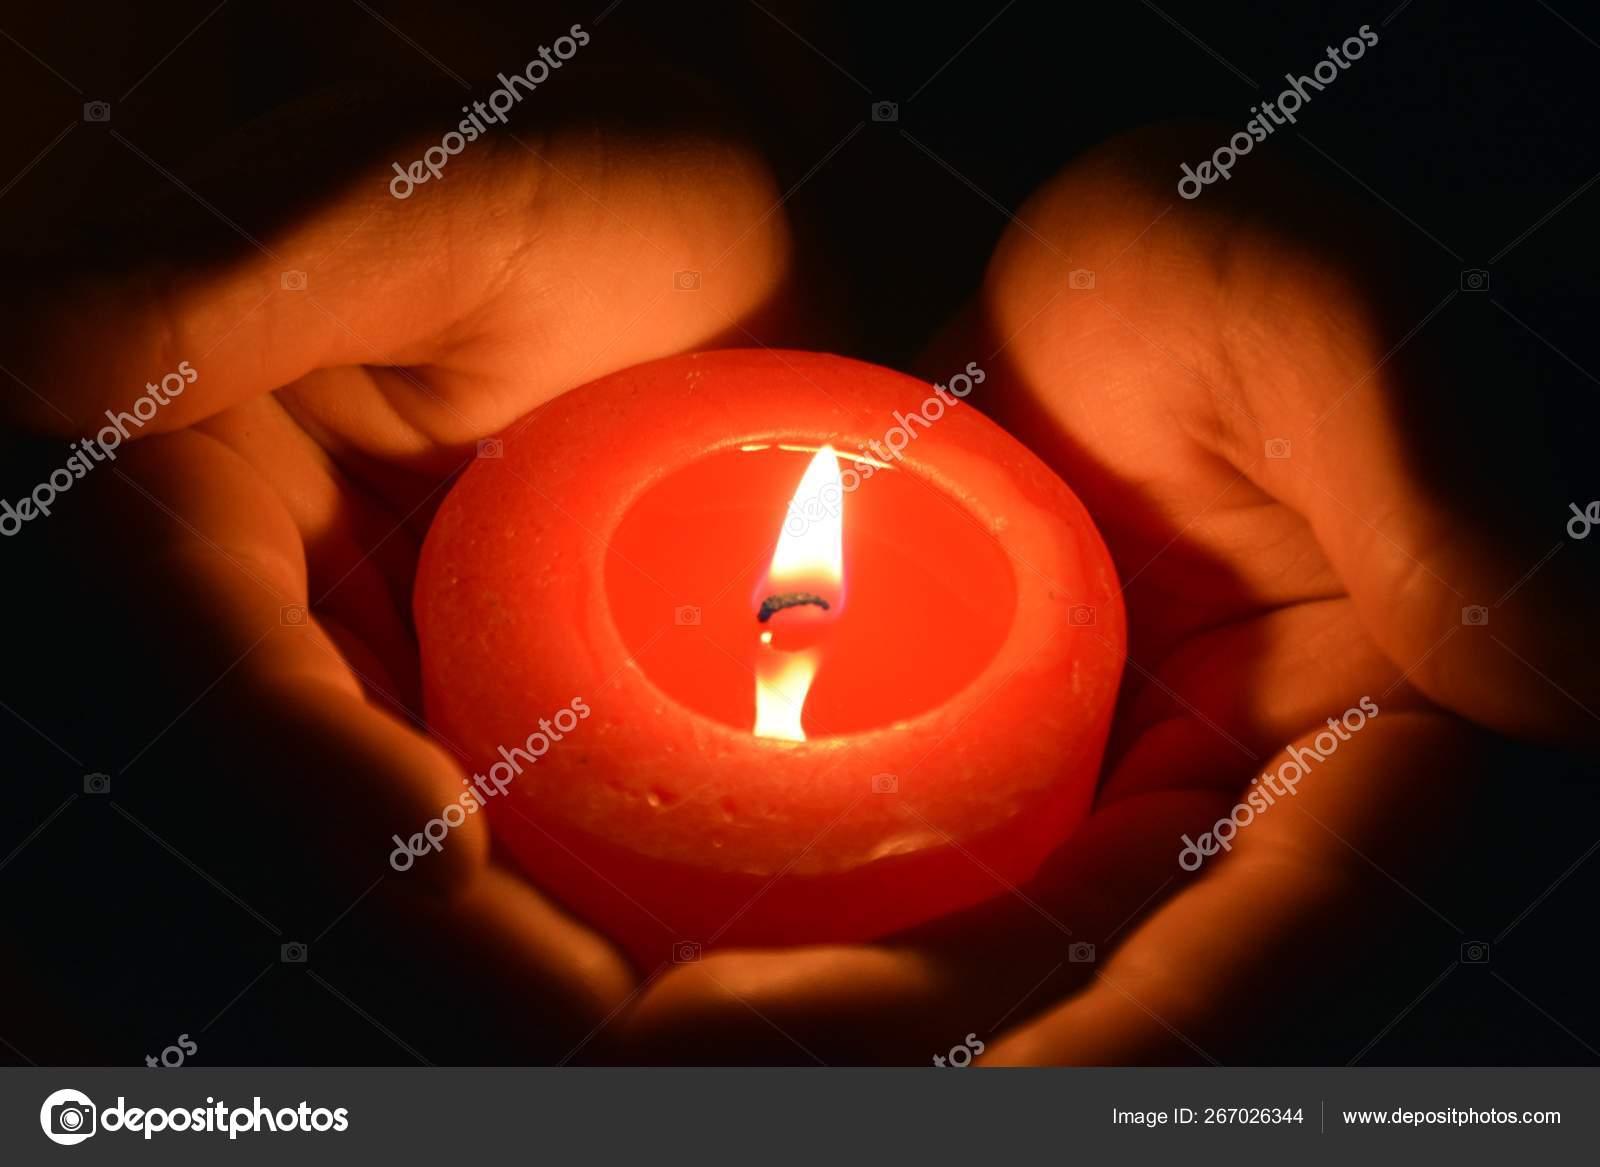 мнение, нестоячка на фото и красную свечу надрезы